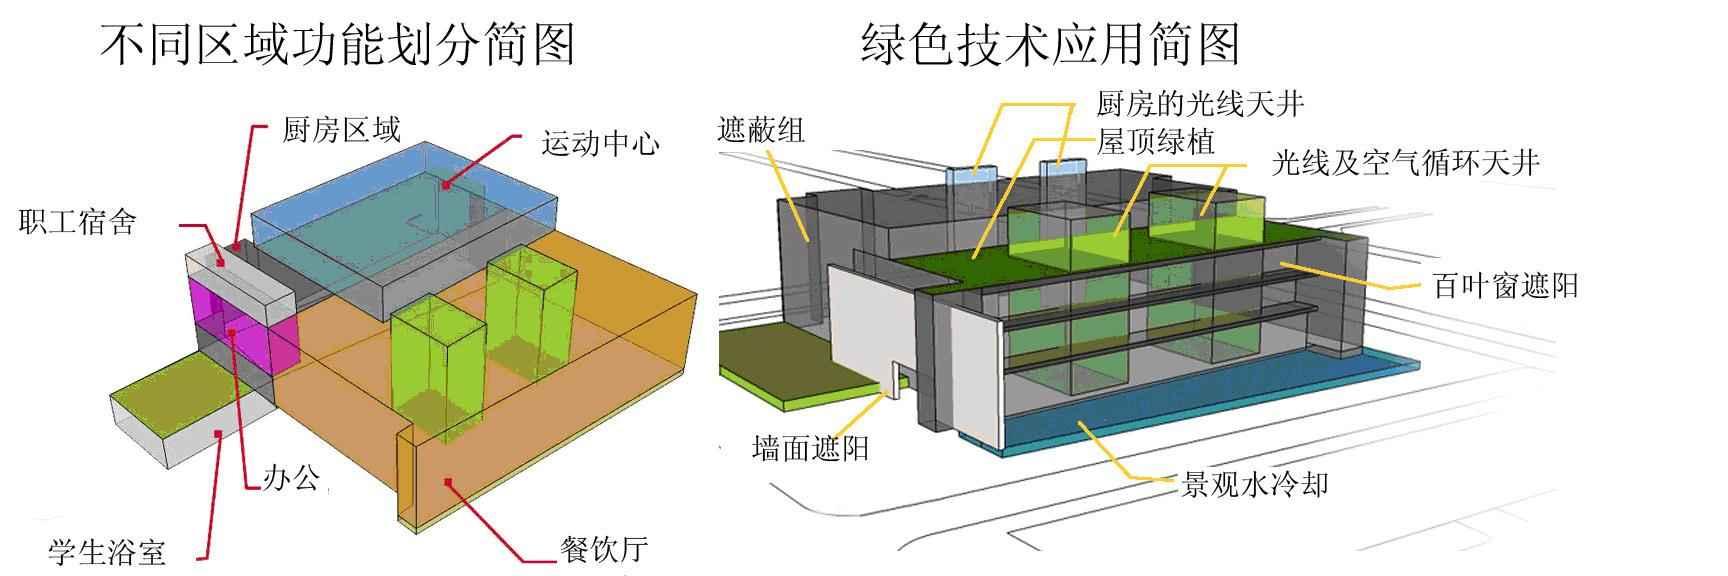 浅析绿色建筑设计理念及技术策略